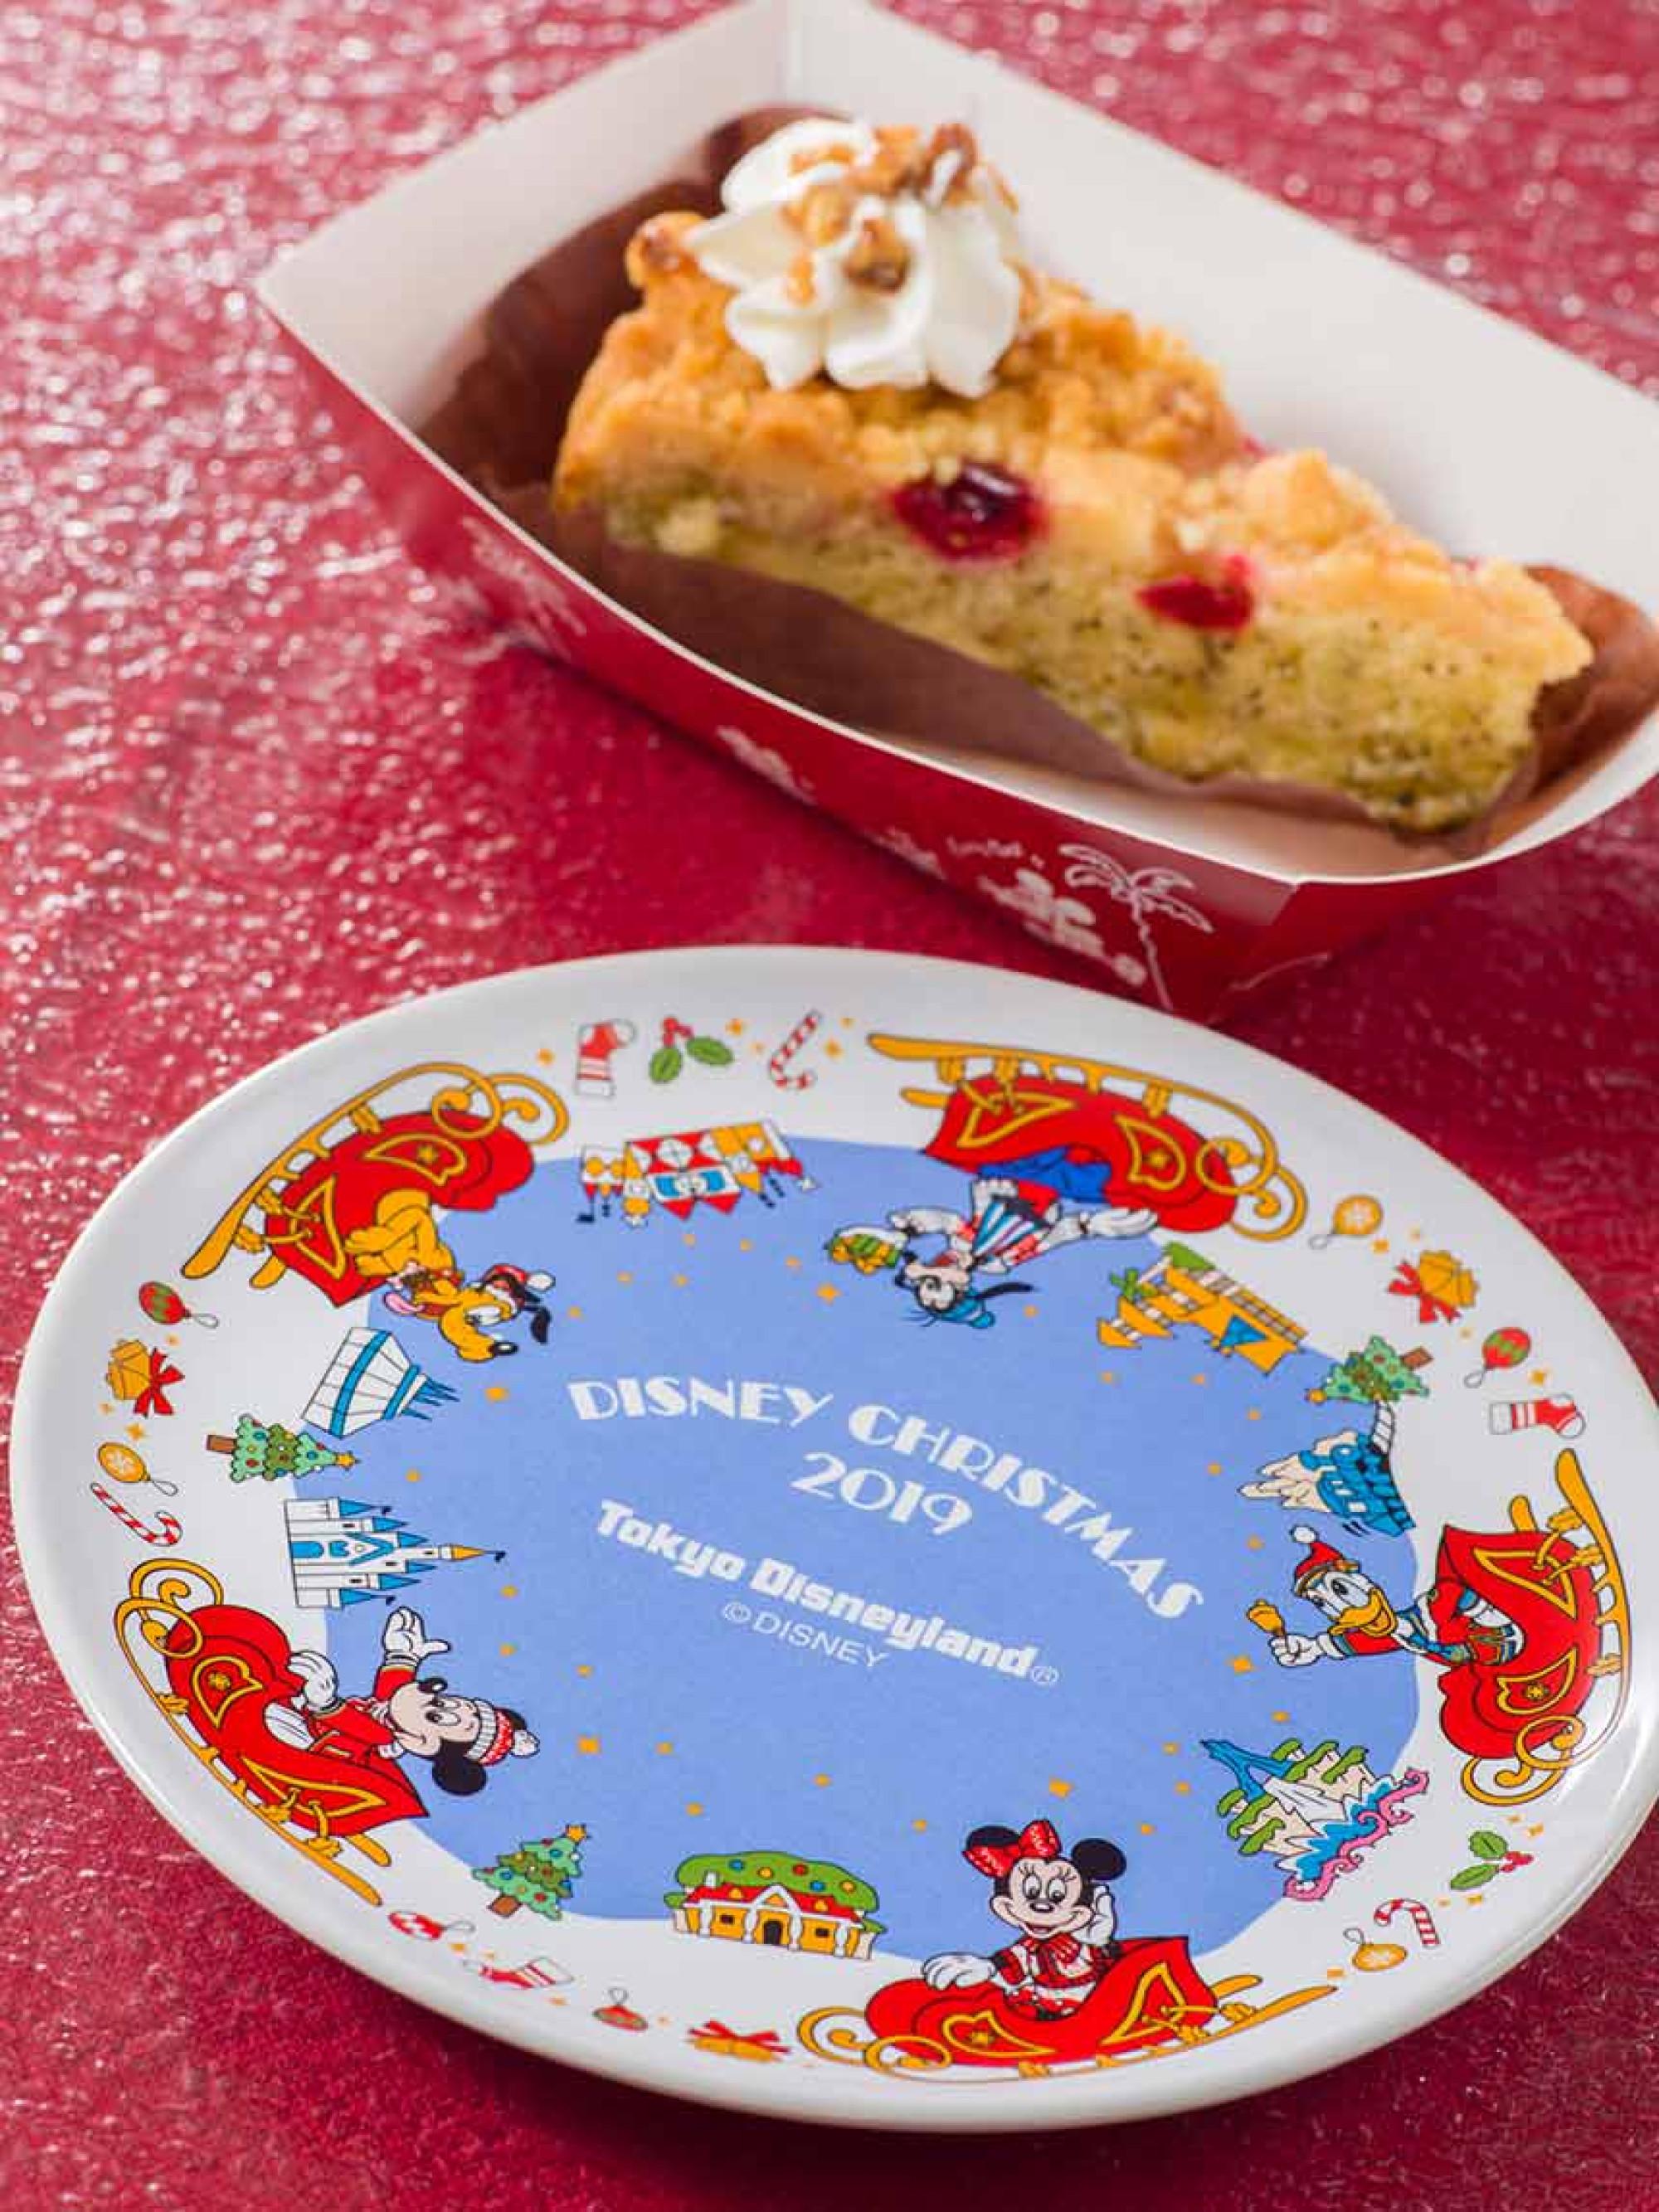 クランベリー&紅茶のケーキ、スーベニアプレート付き